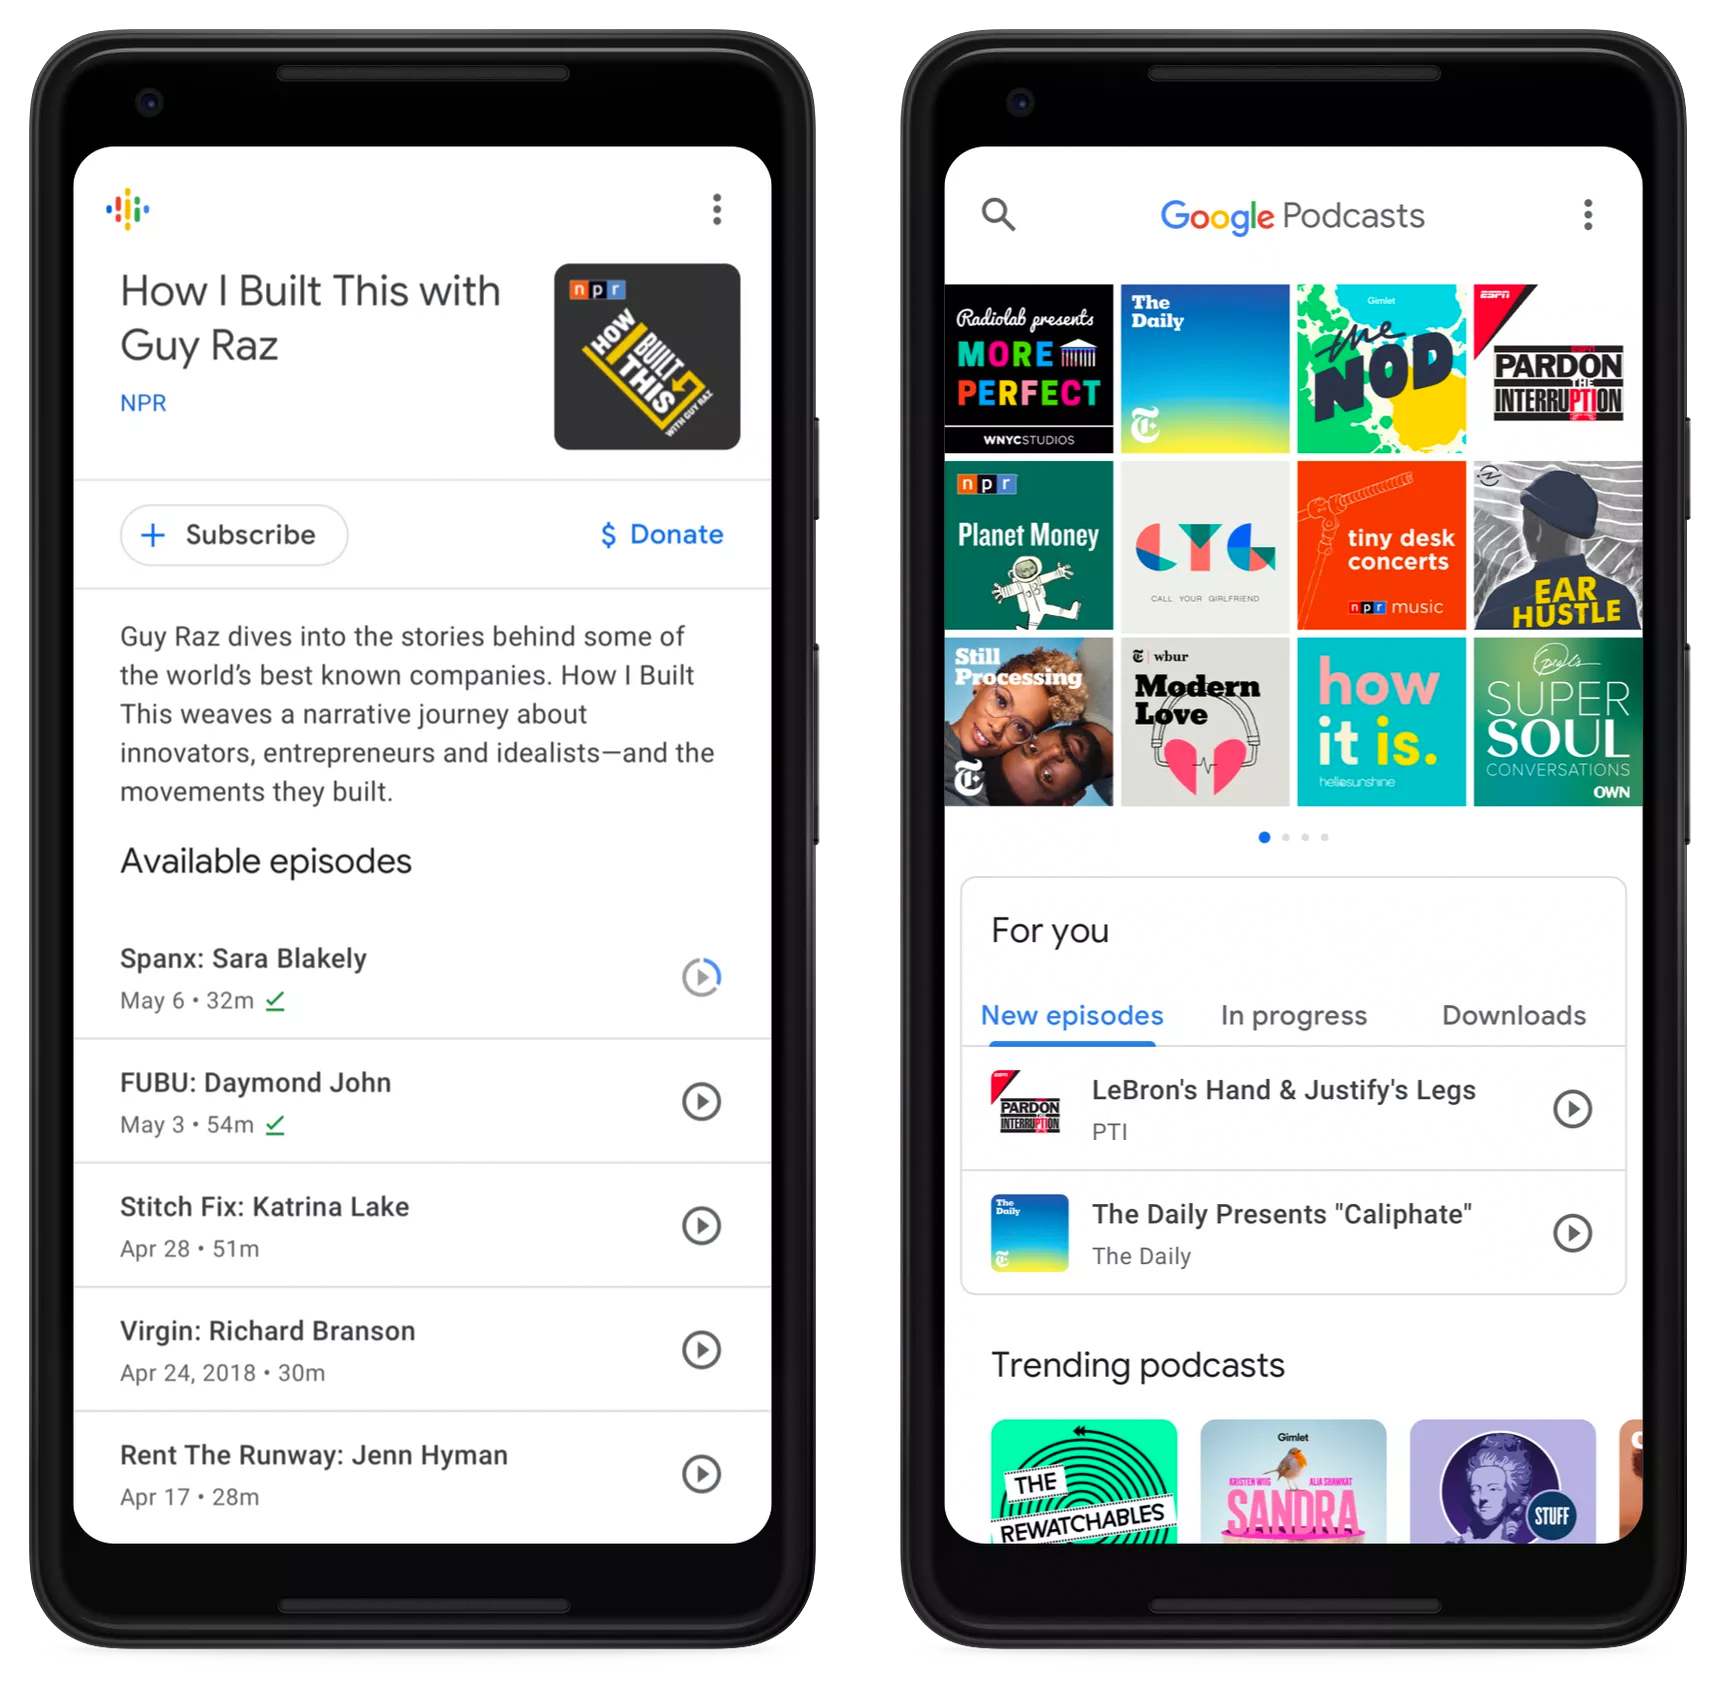 Приложение Google сможет преобразовывать в текст и переводить подкасты